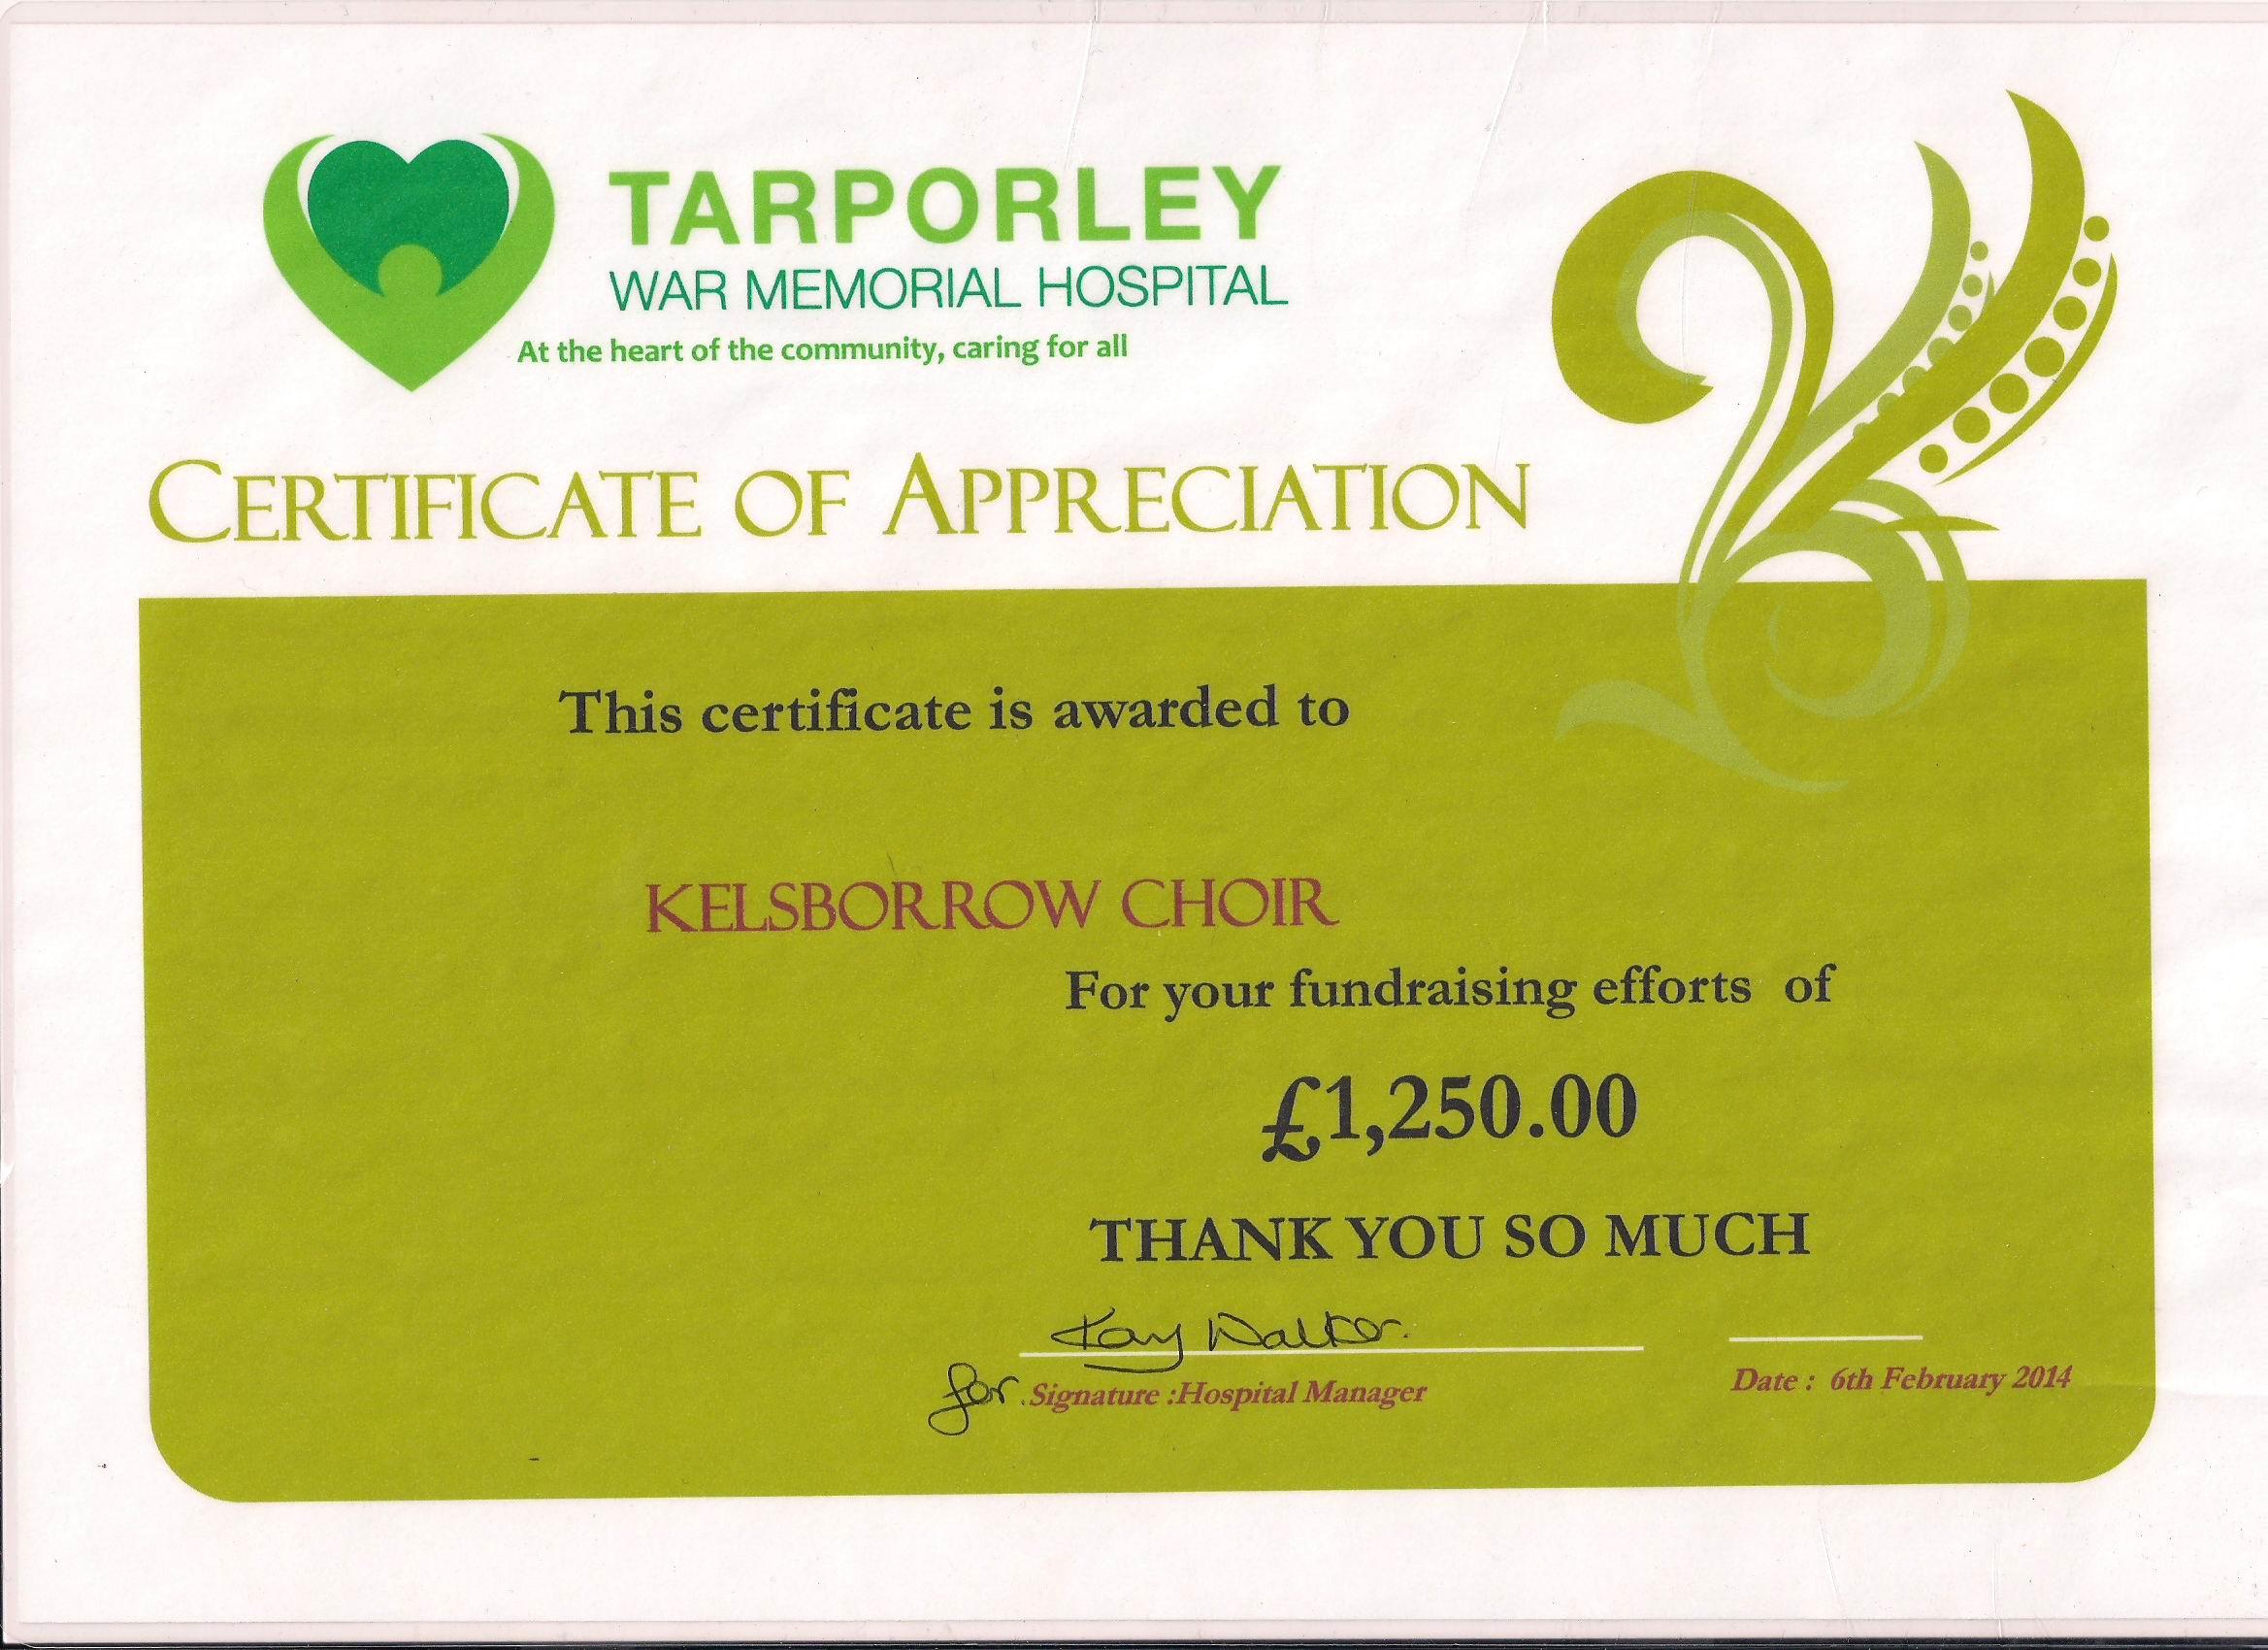 Tarporley certificate